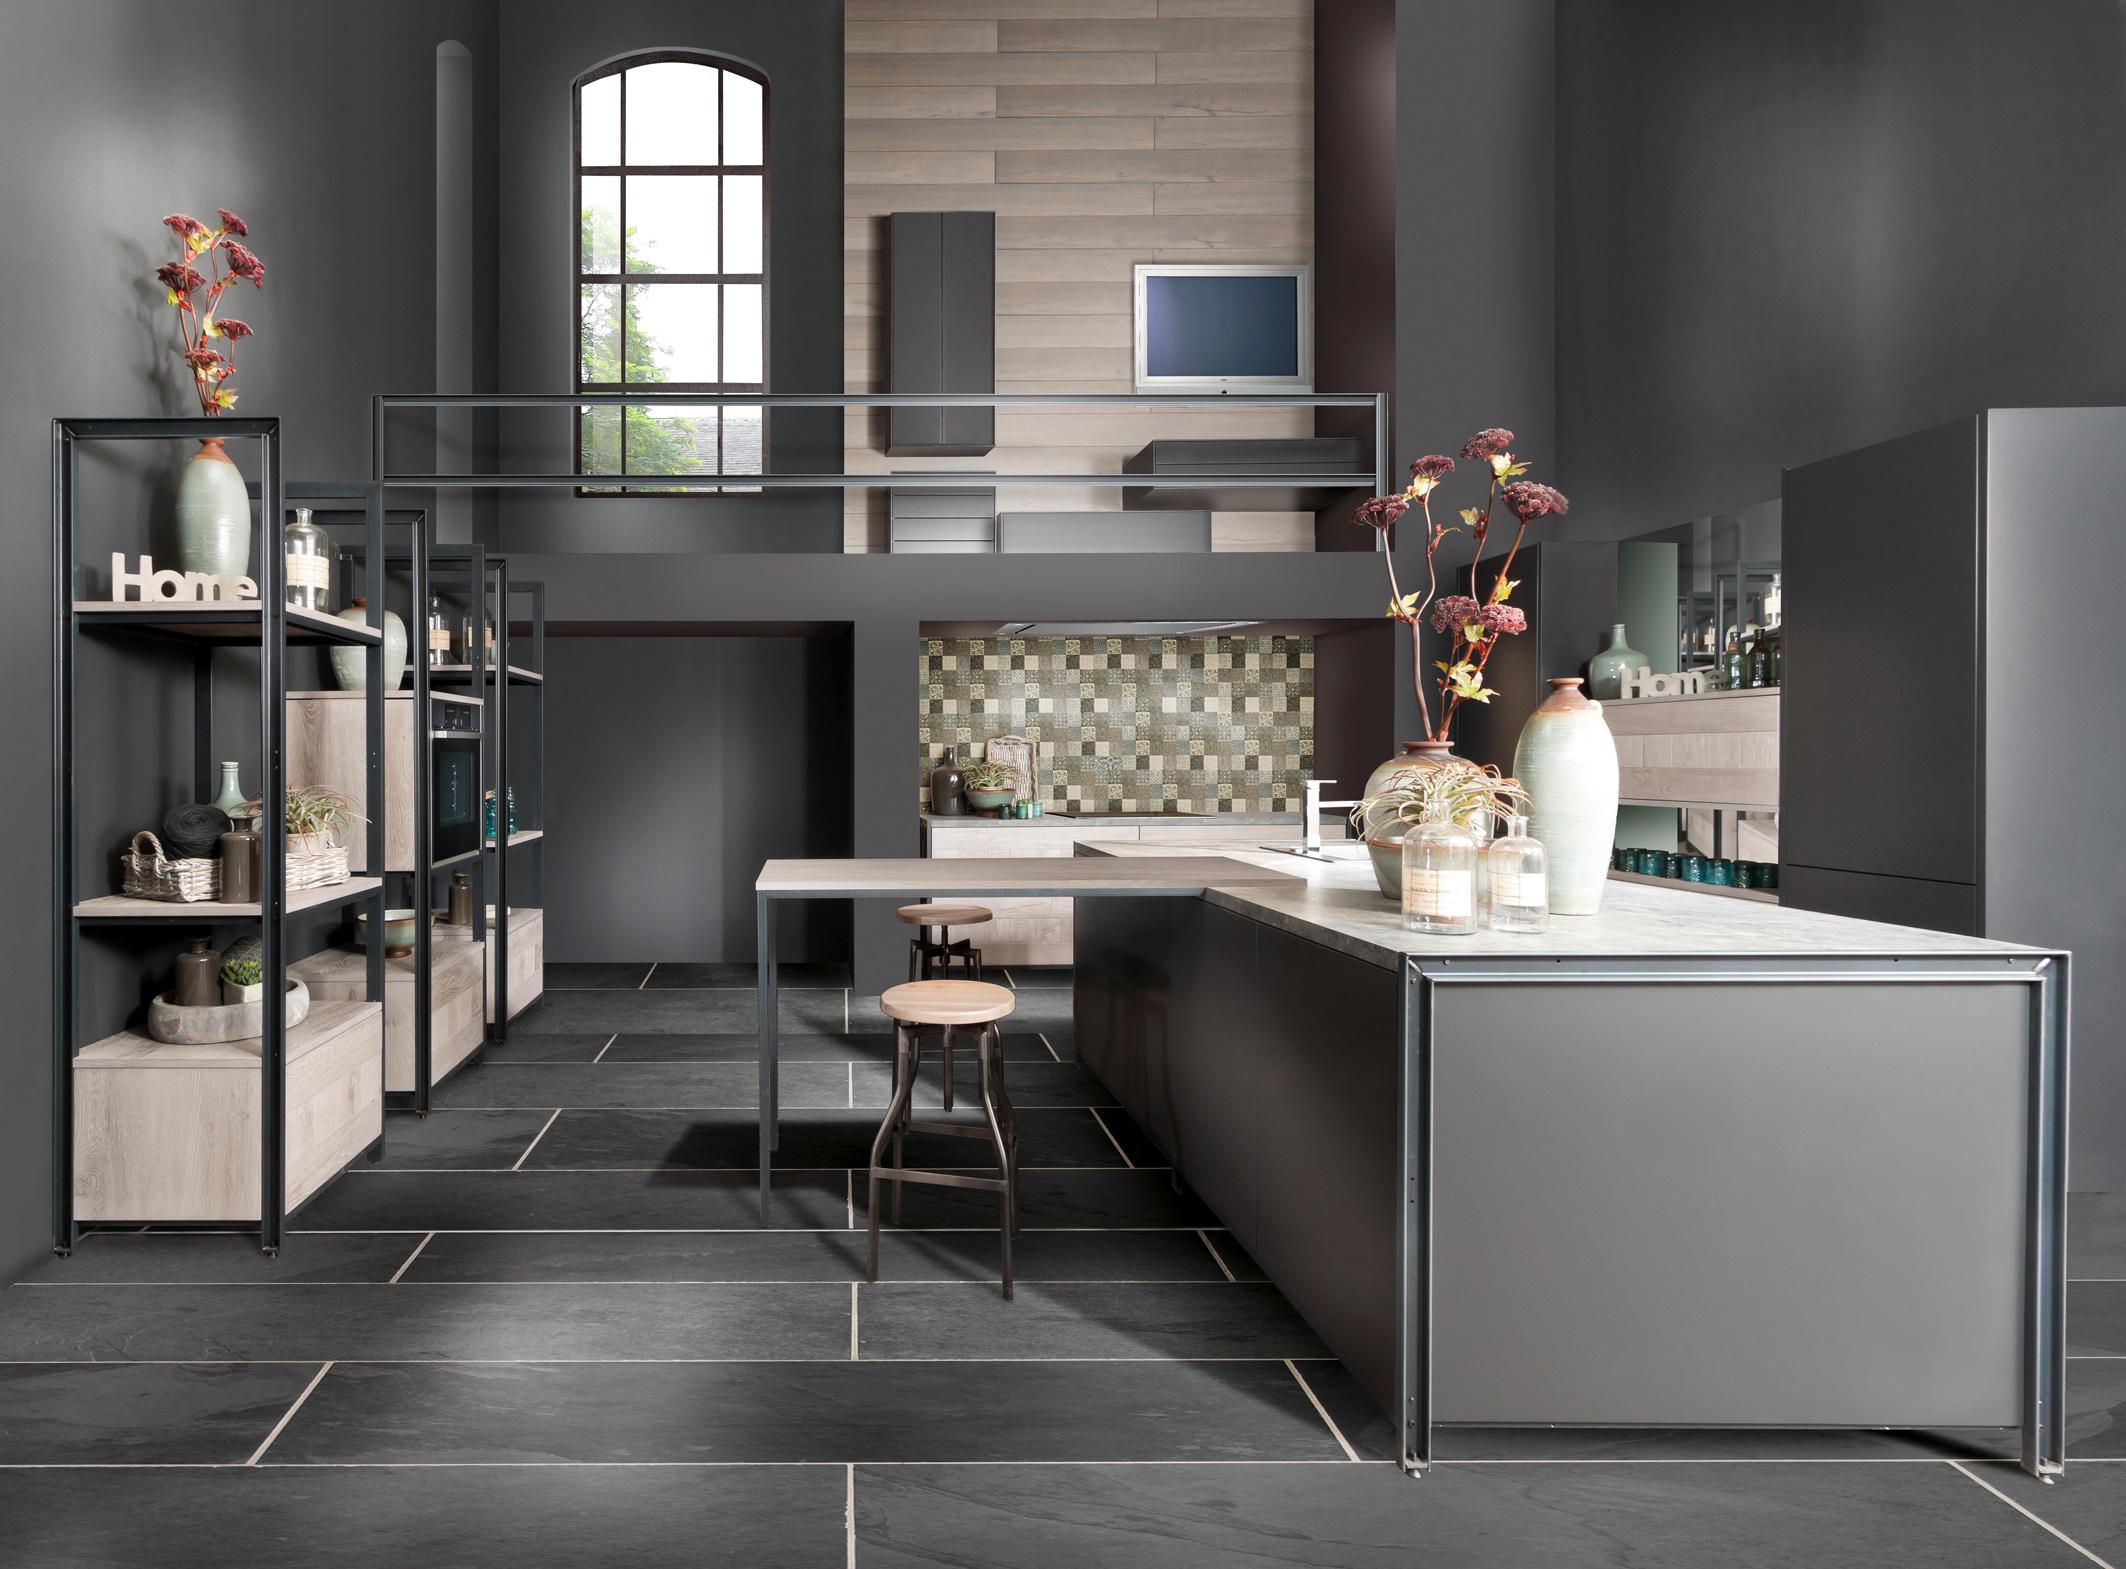 """Küchen """"Made in Germany"""" stehen für Design, Qualität und Innovation"""